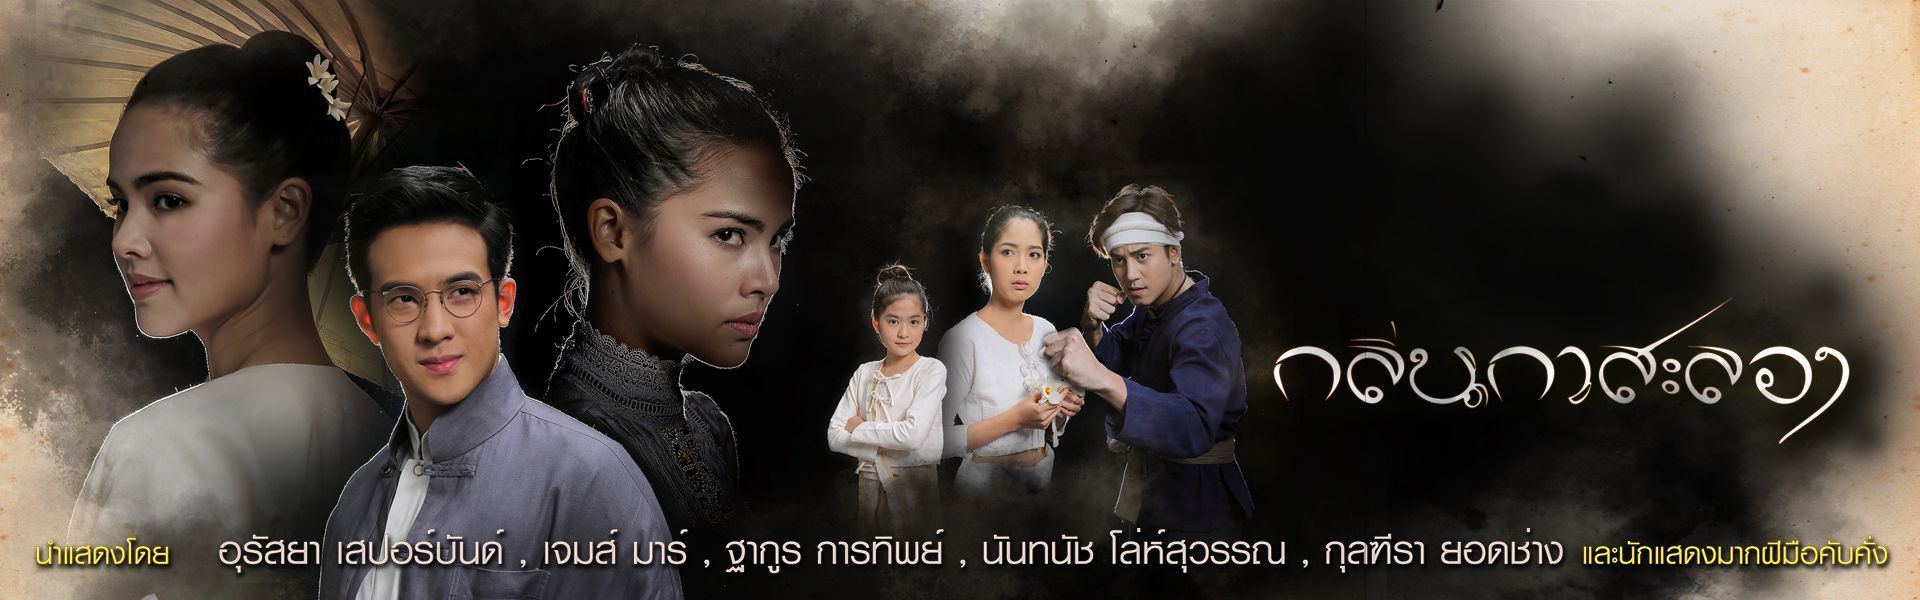 Phim Hương Hoa Đạt Phước: Đối thủ ngang tài ngang sức của Chiếc Lá Bay (1)